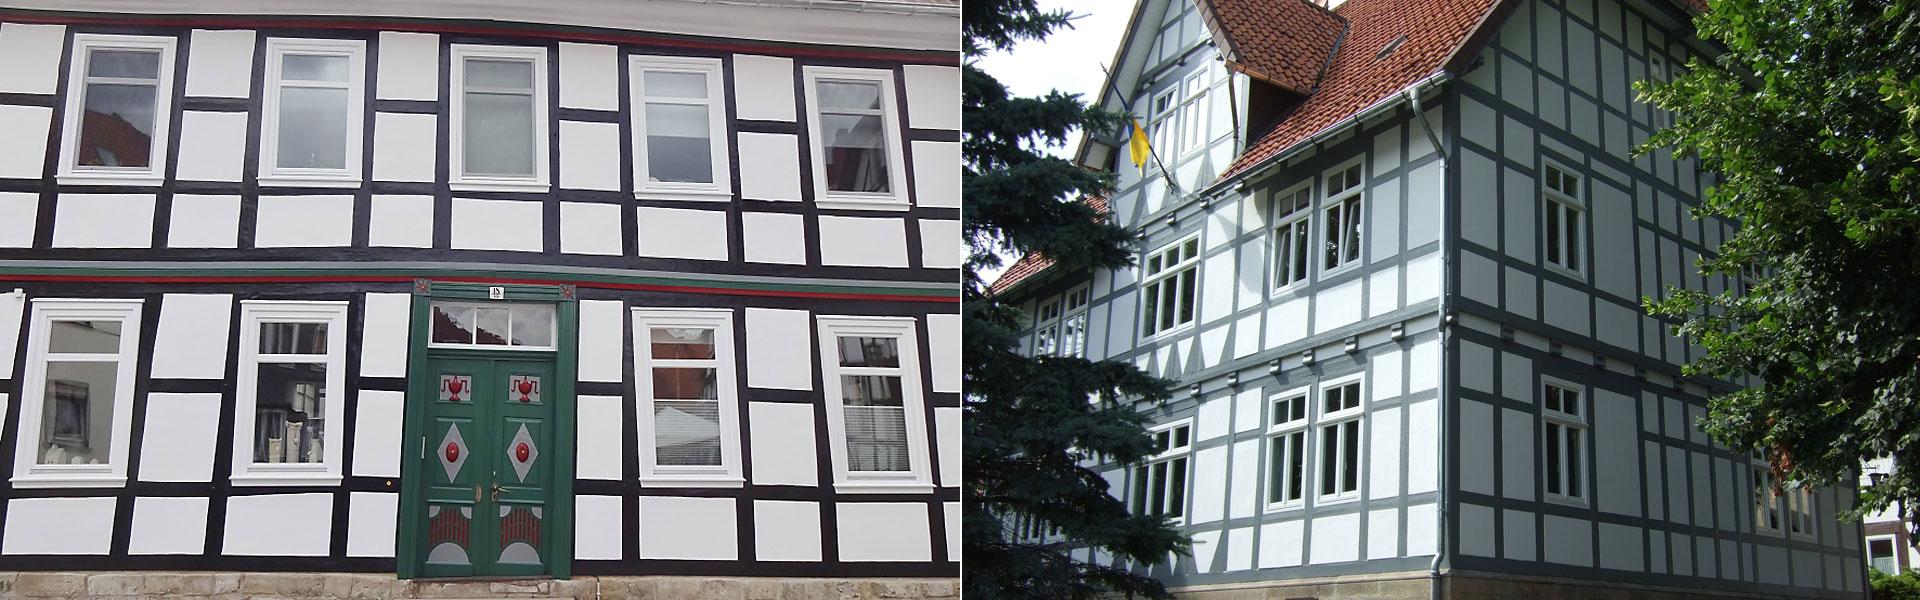 Fachwerk-Restaurierung in Bad Gandersheim und Umgebung, Seesen, Kreiensen, Kalefeld, Lamspringe, Einbeck, Northeim.